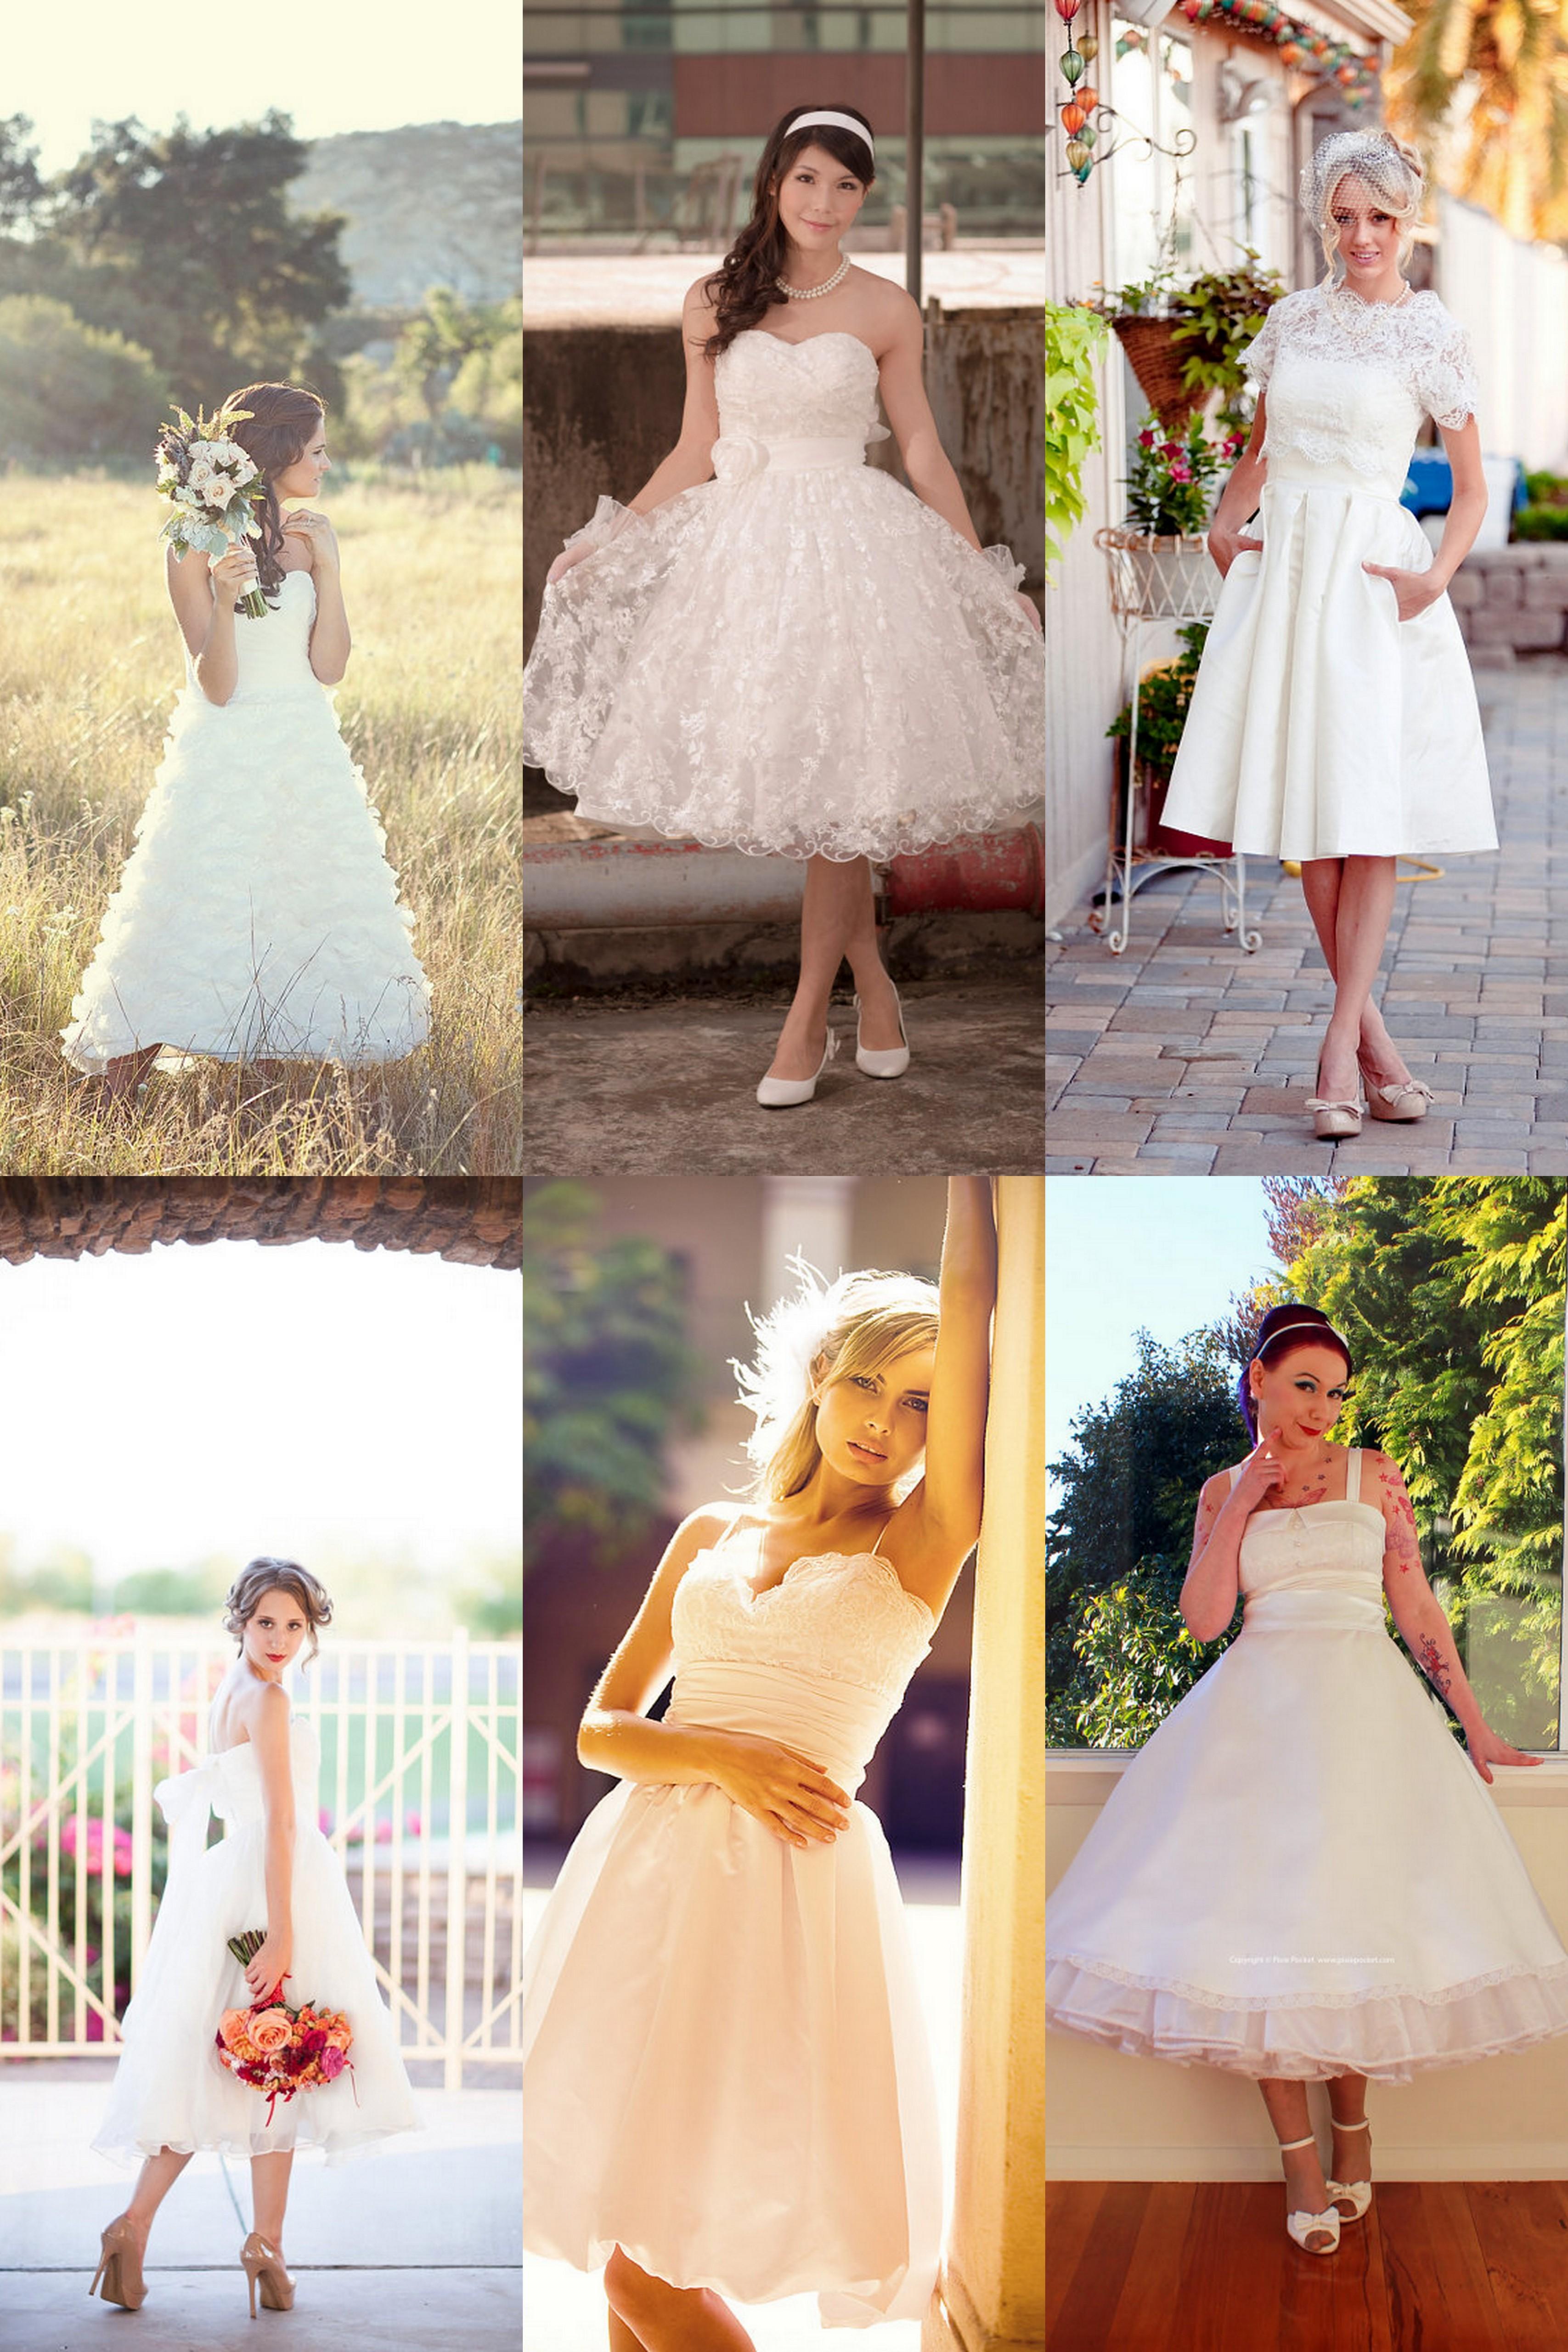 Tea Length Wedding Dress With Shoes Fashion Dresses